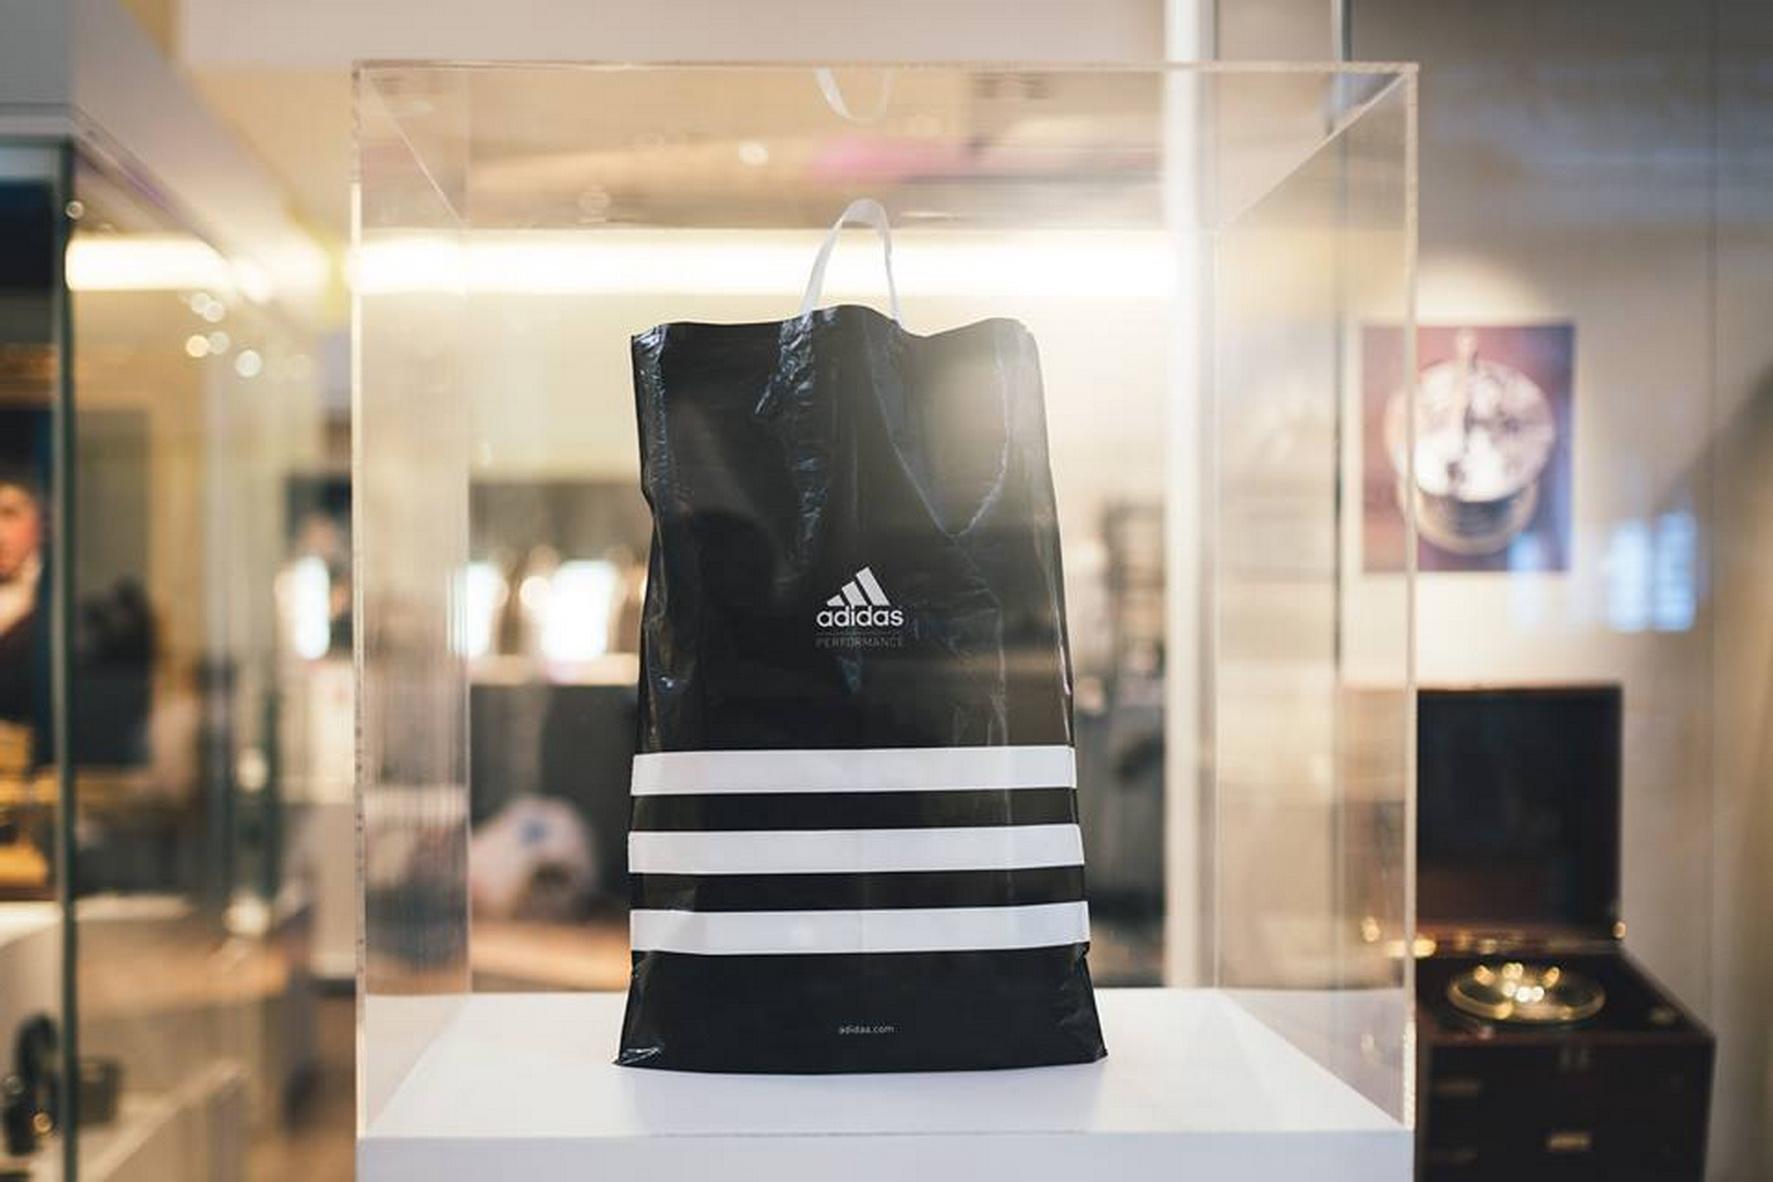 Adidas mong muốn túi nhựa sẽ trở thành quá khứ